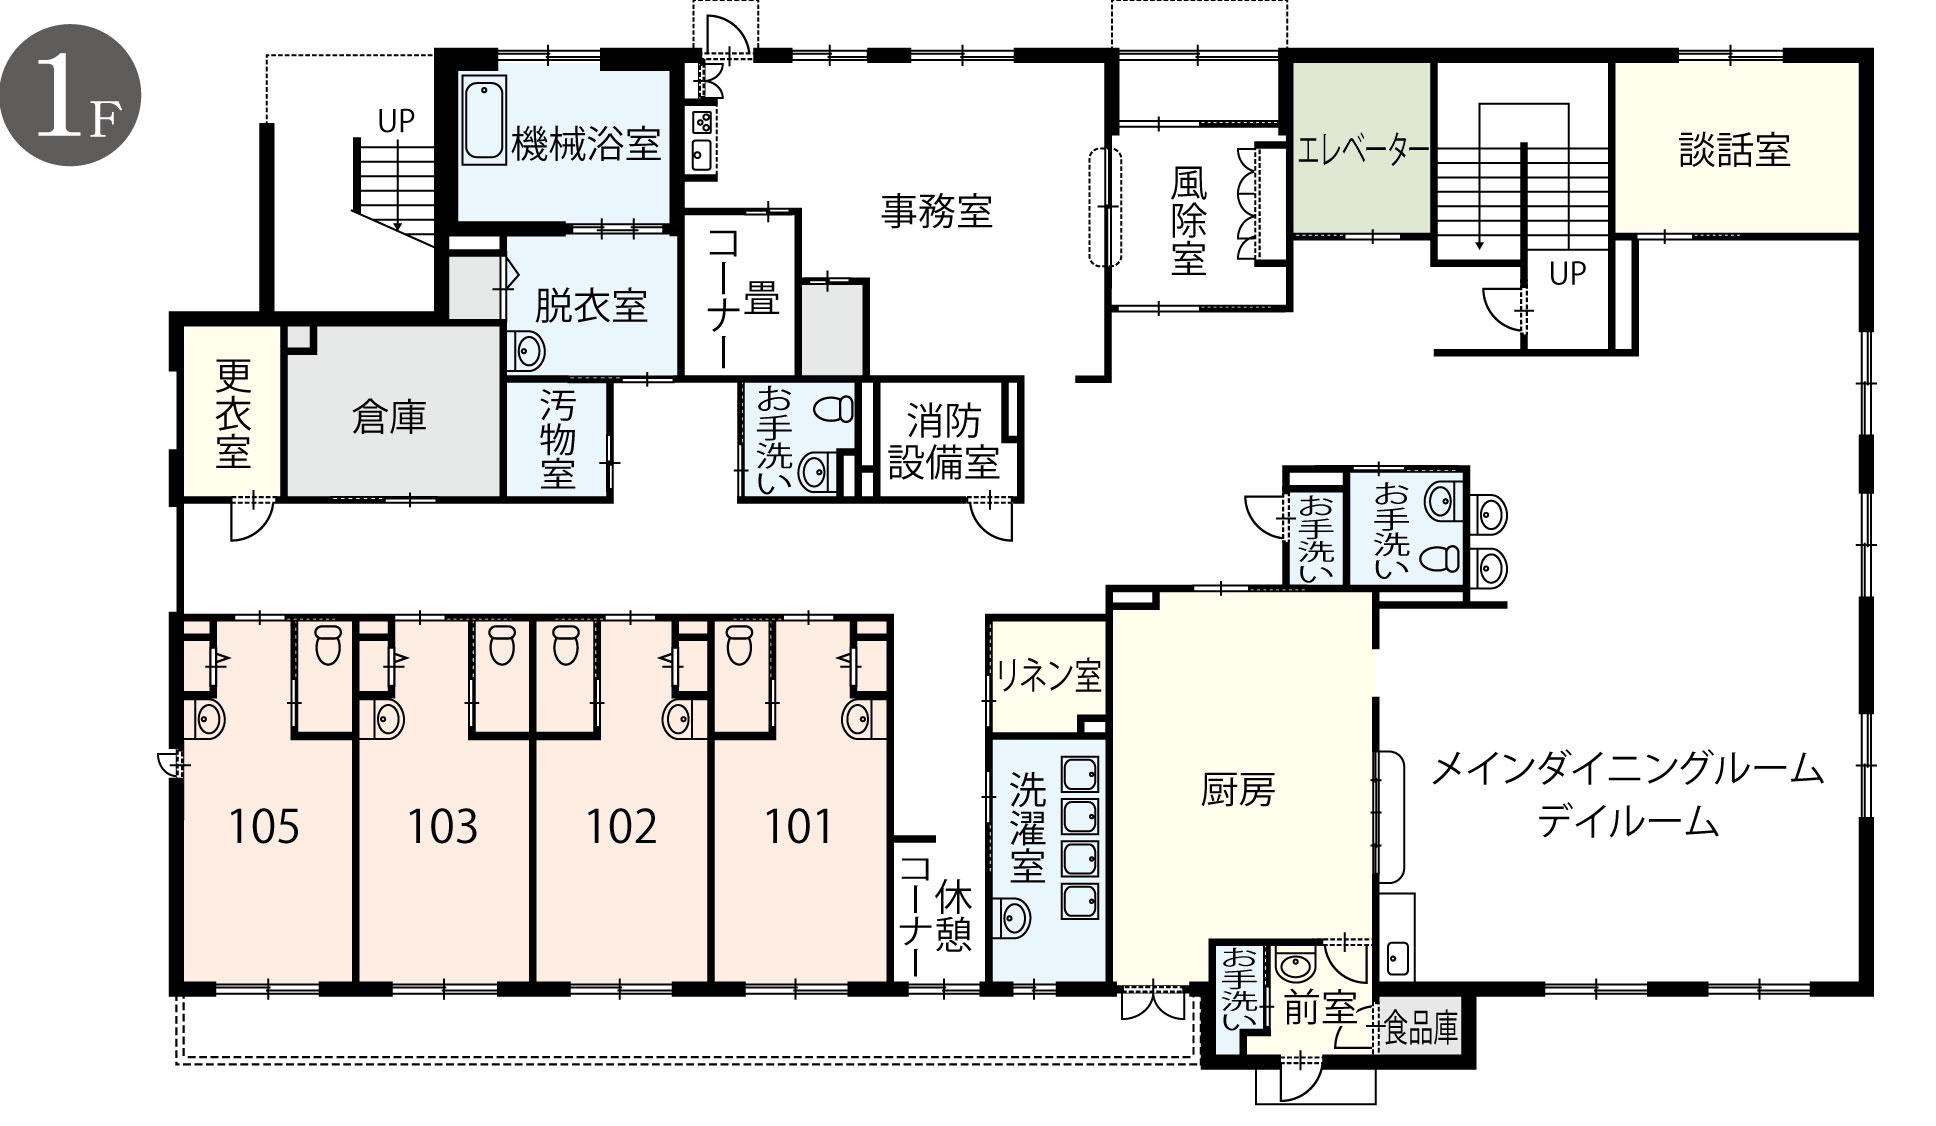 1階 館内案内図